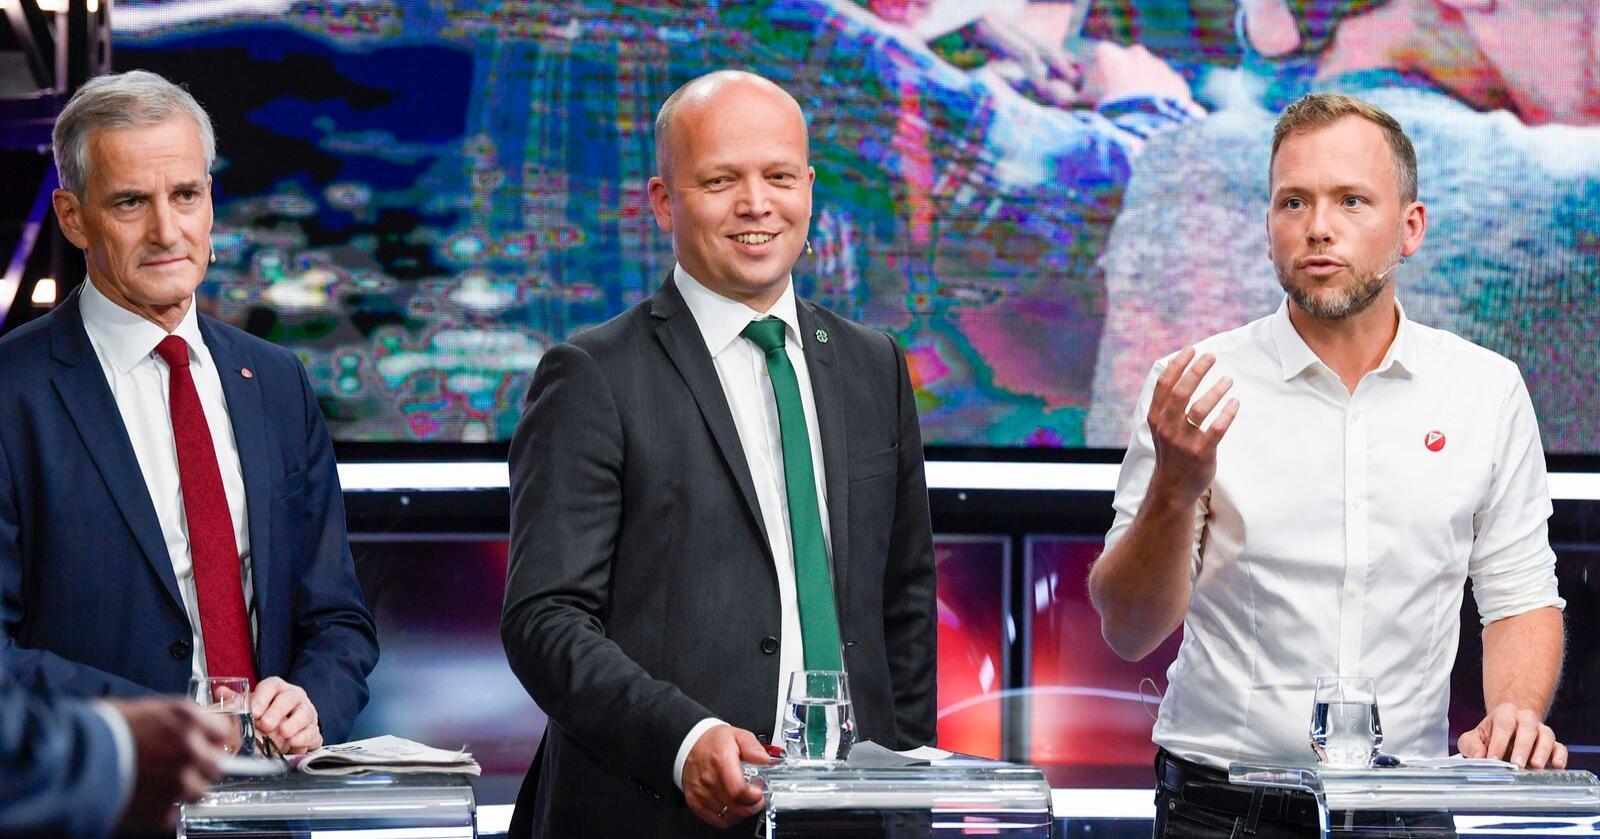 Diskusjonen om Jonas Gahr Støre (Ap) (t.v.) eller Trygve Slagsvold Vedum (Sp) er den selvskrevne statsministerkandidaten på rødgrønn side holdes trolig i live etter en ny måling. Foto: Marit Hommedal / NTB scanpix